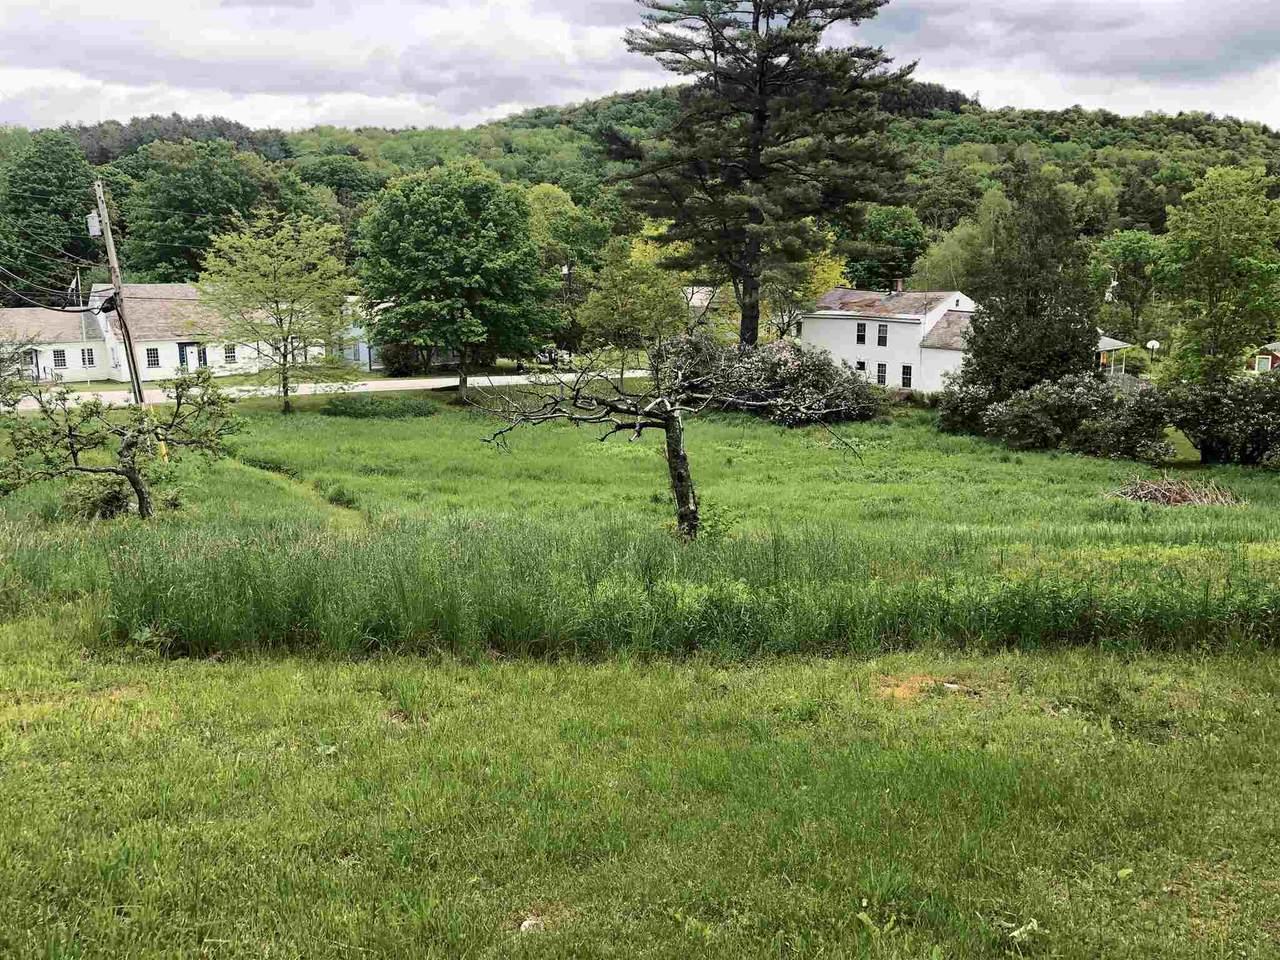 9 School House Road - Photo 1